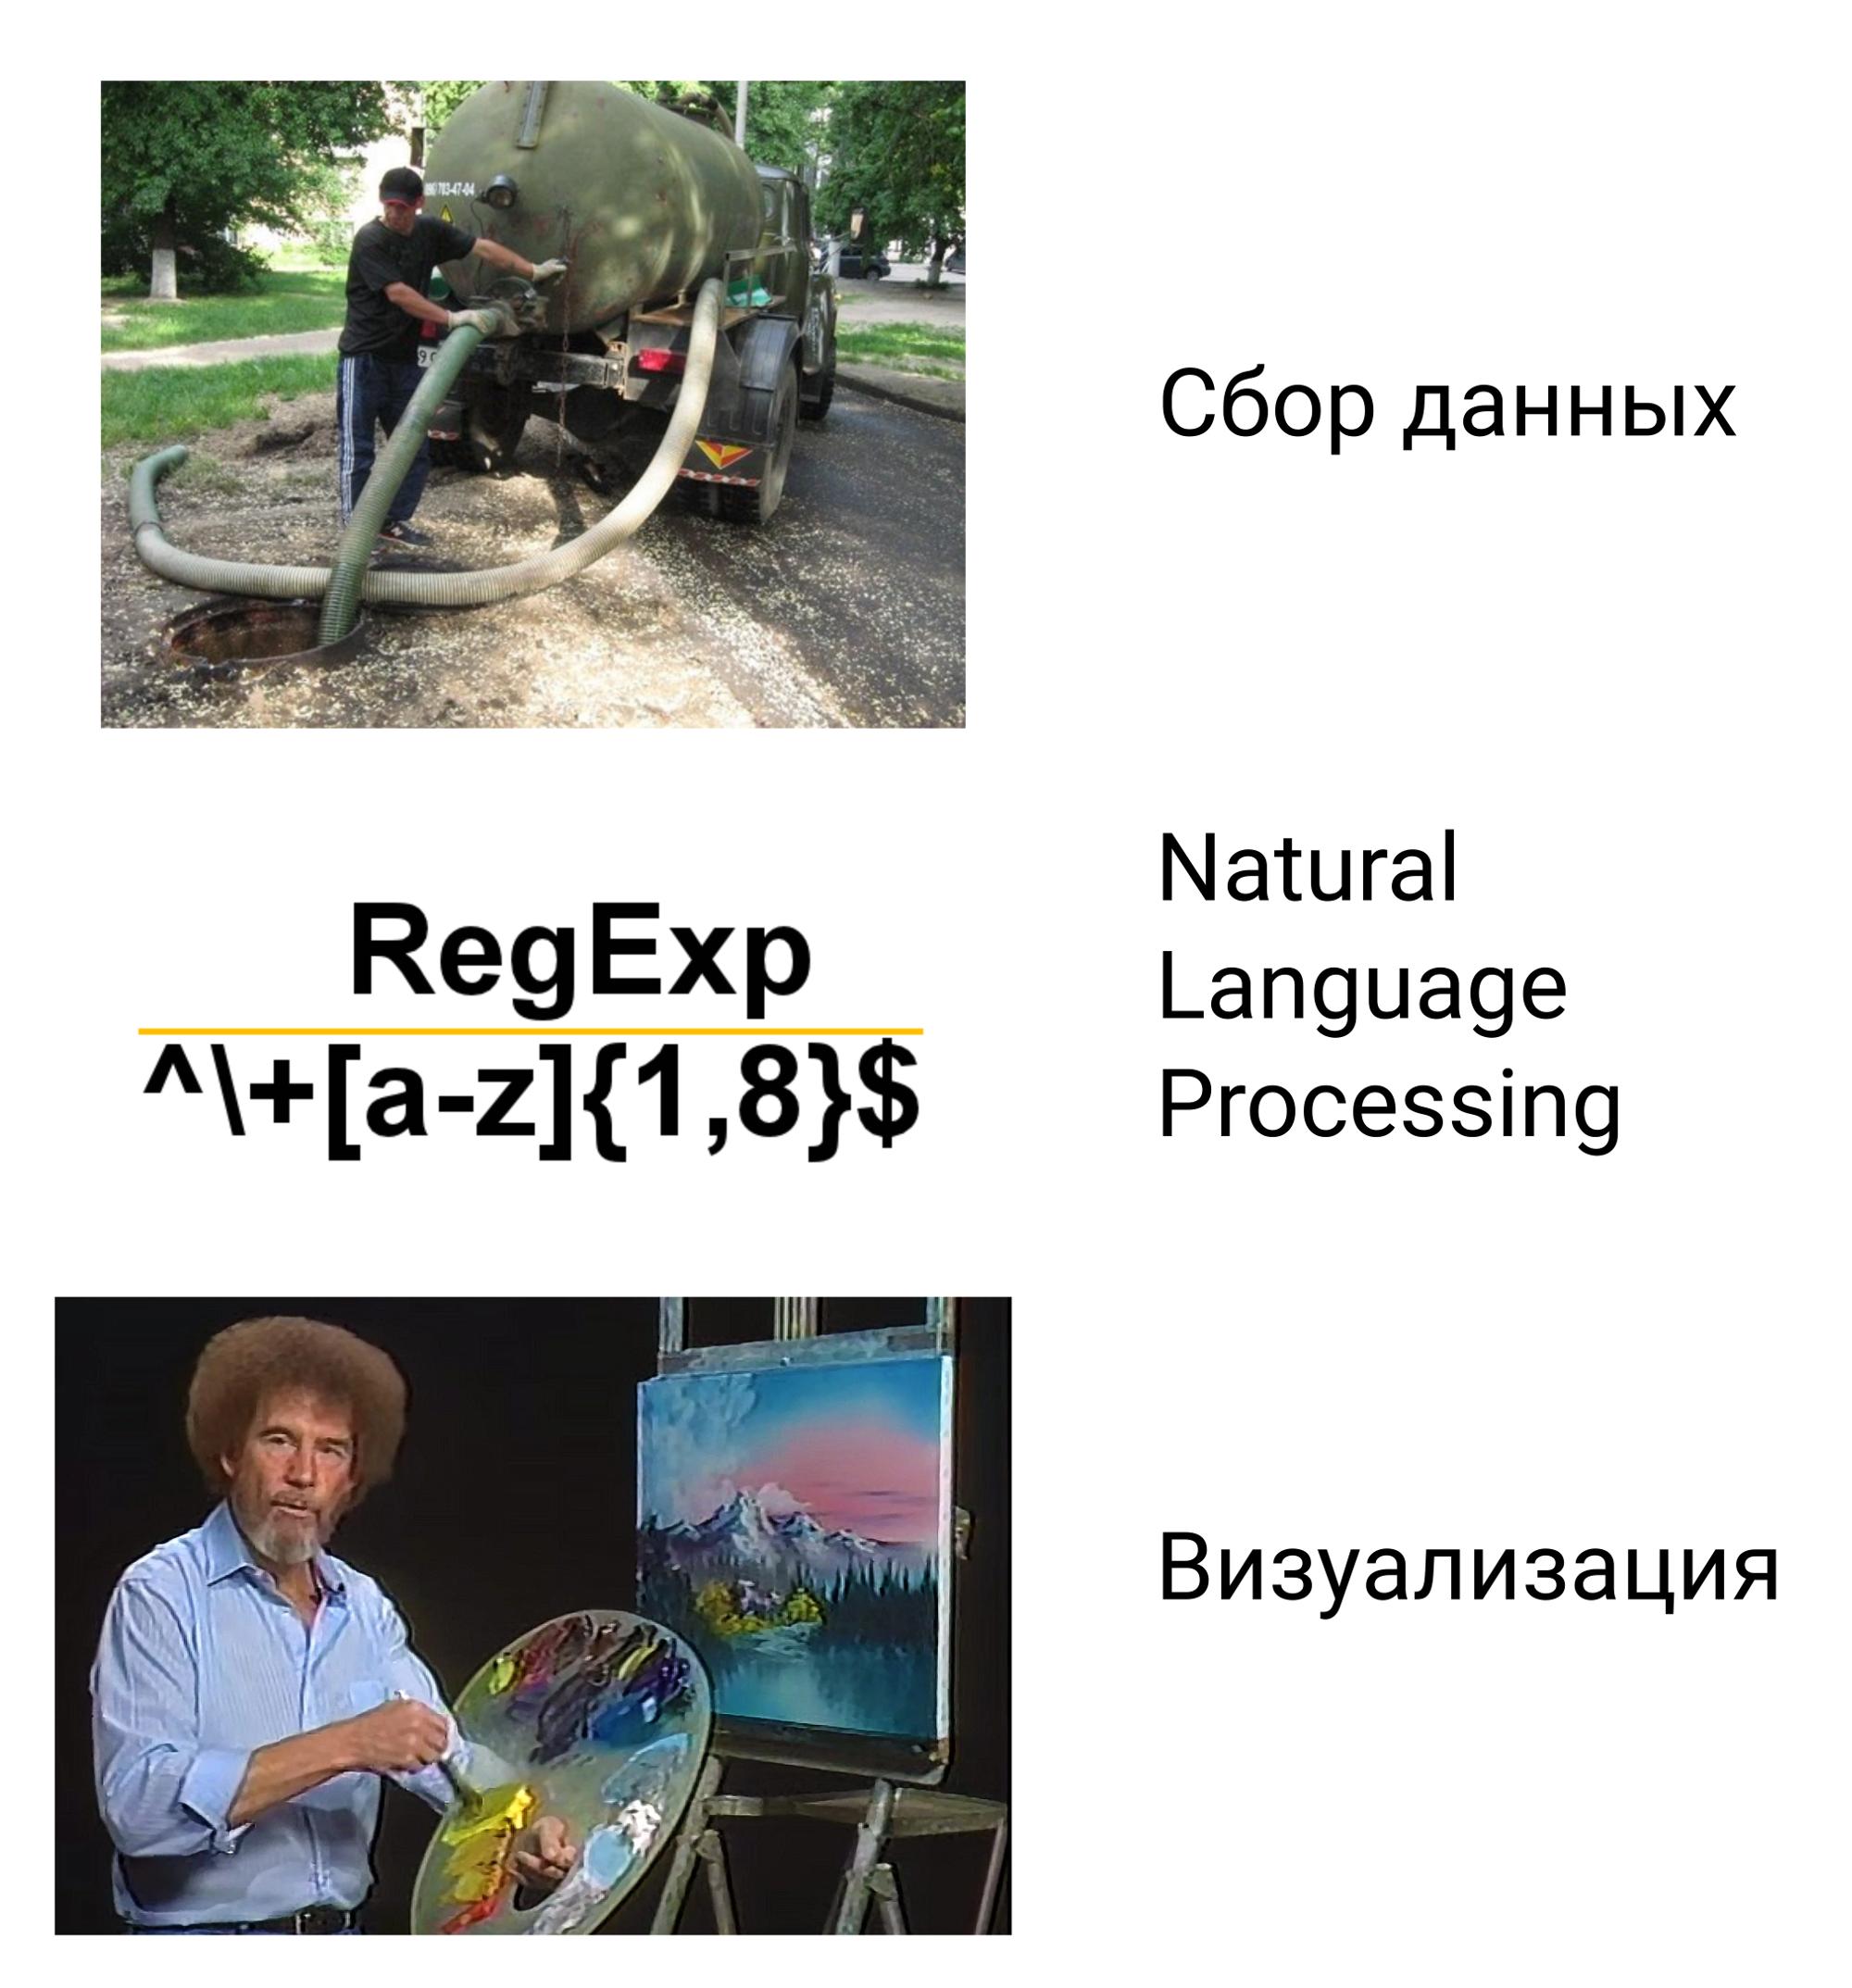 Визуализация новостей рунета - 3